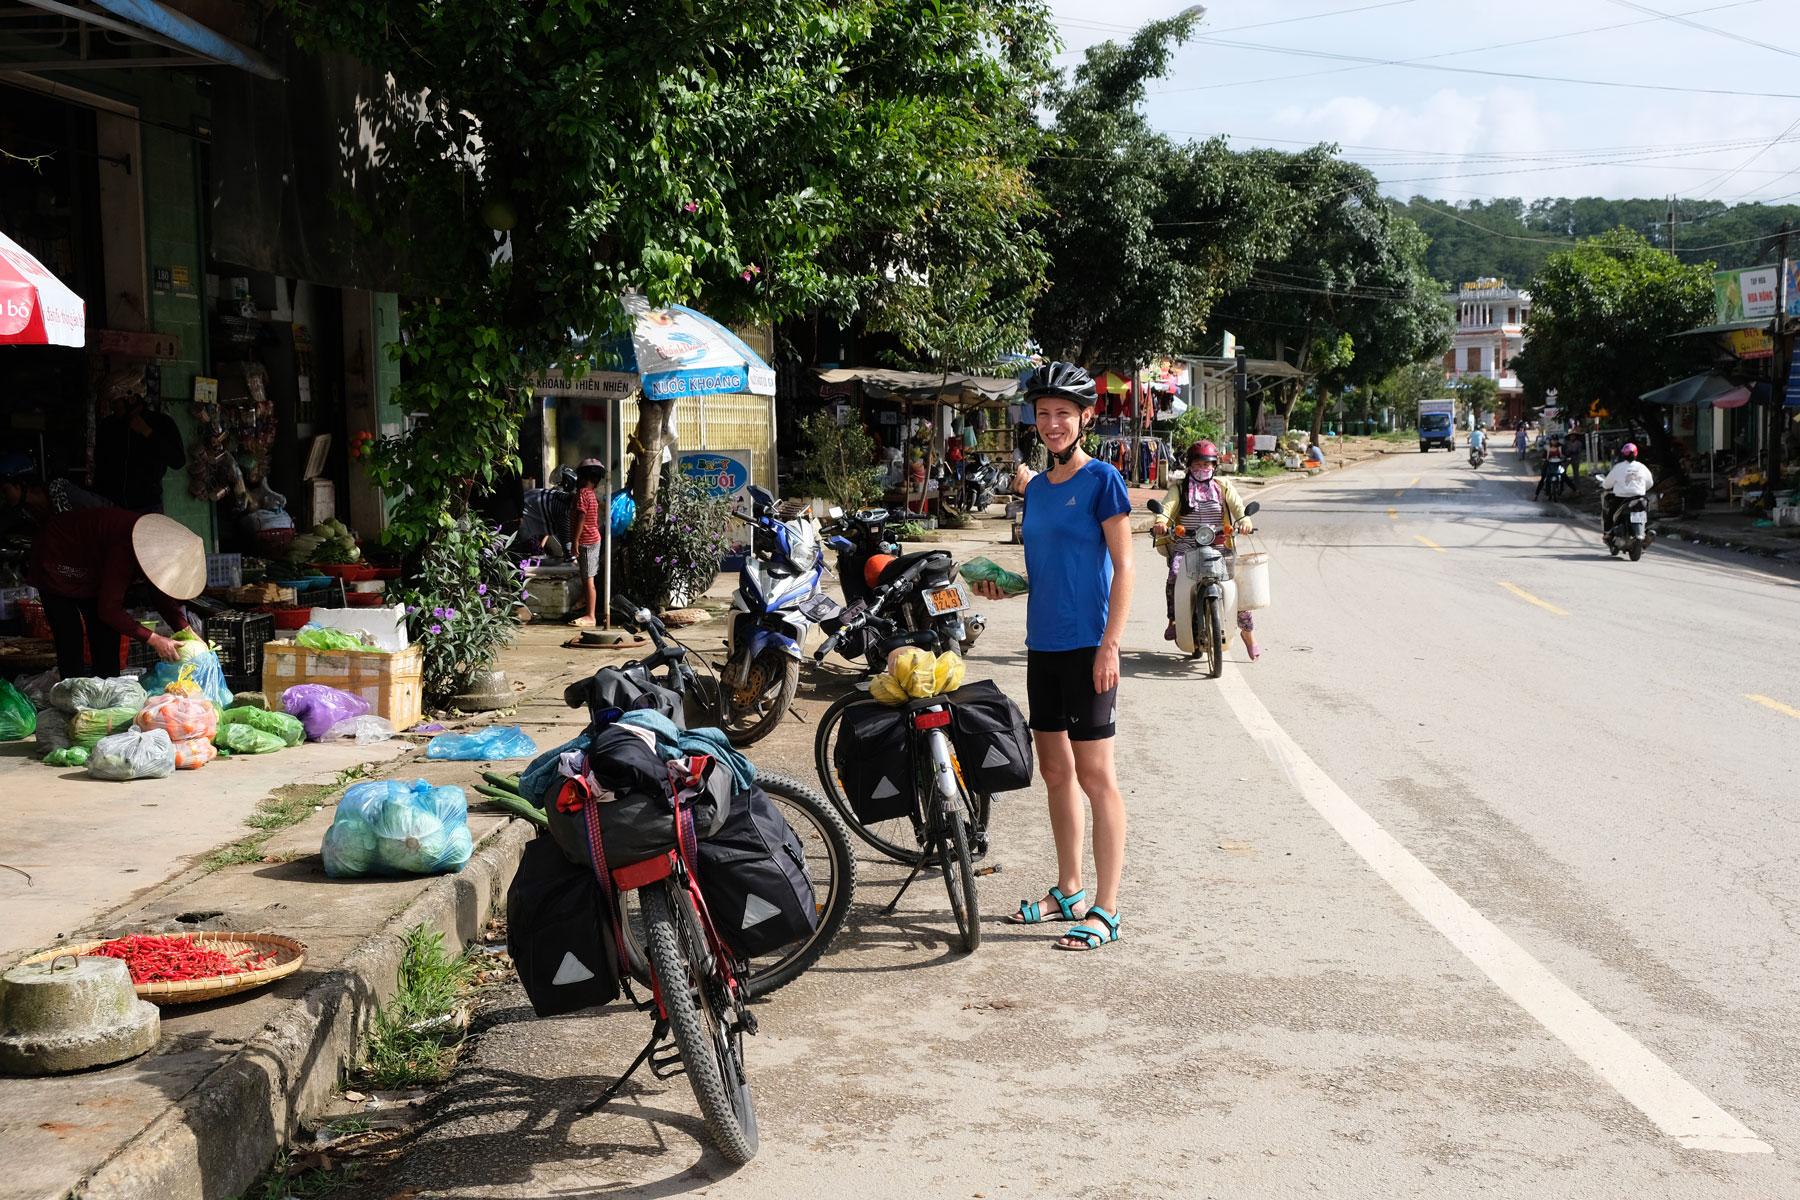 Leo steht mit den beiden Fahrrädern an Straßenständen an der Straße in Vietnam.